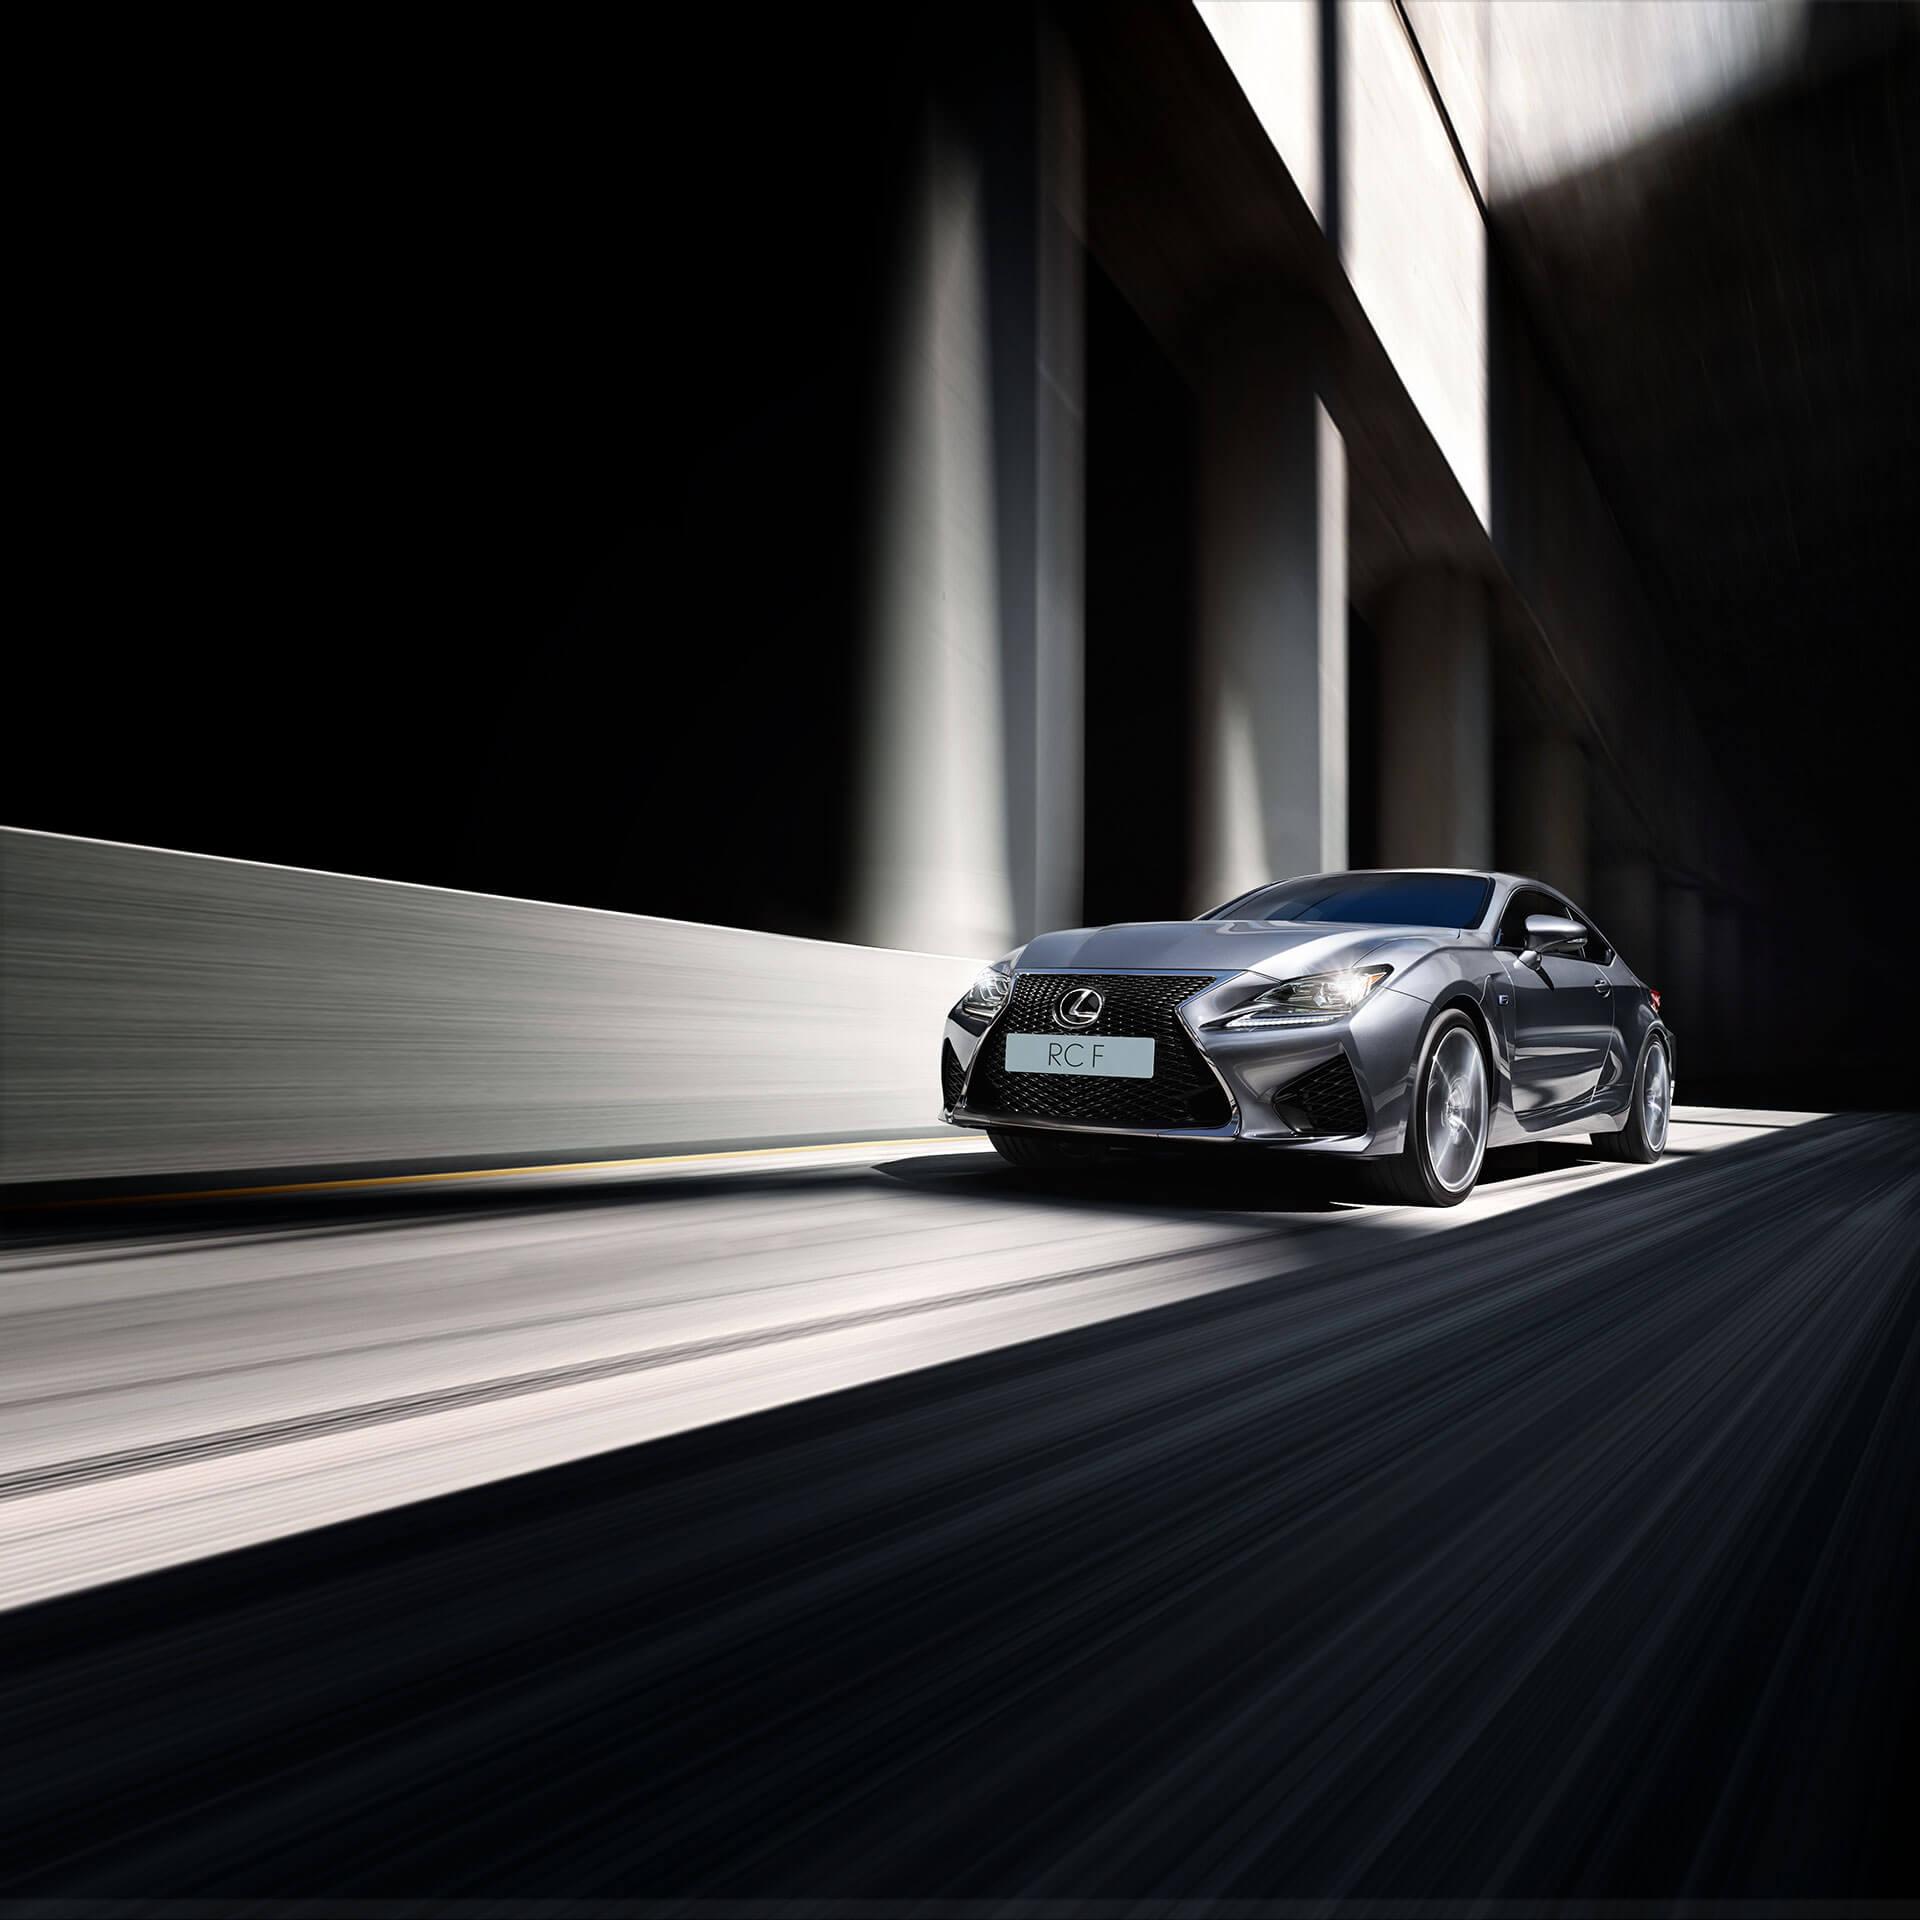 Sølvgrå Lexus RC F sportssedan selvladende hybrid kommer kjørende mot oss